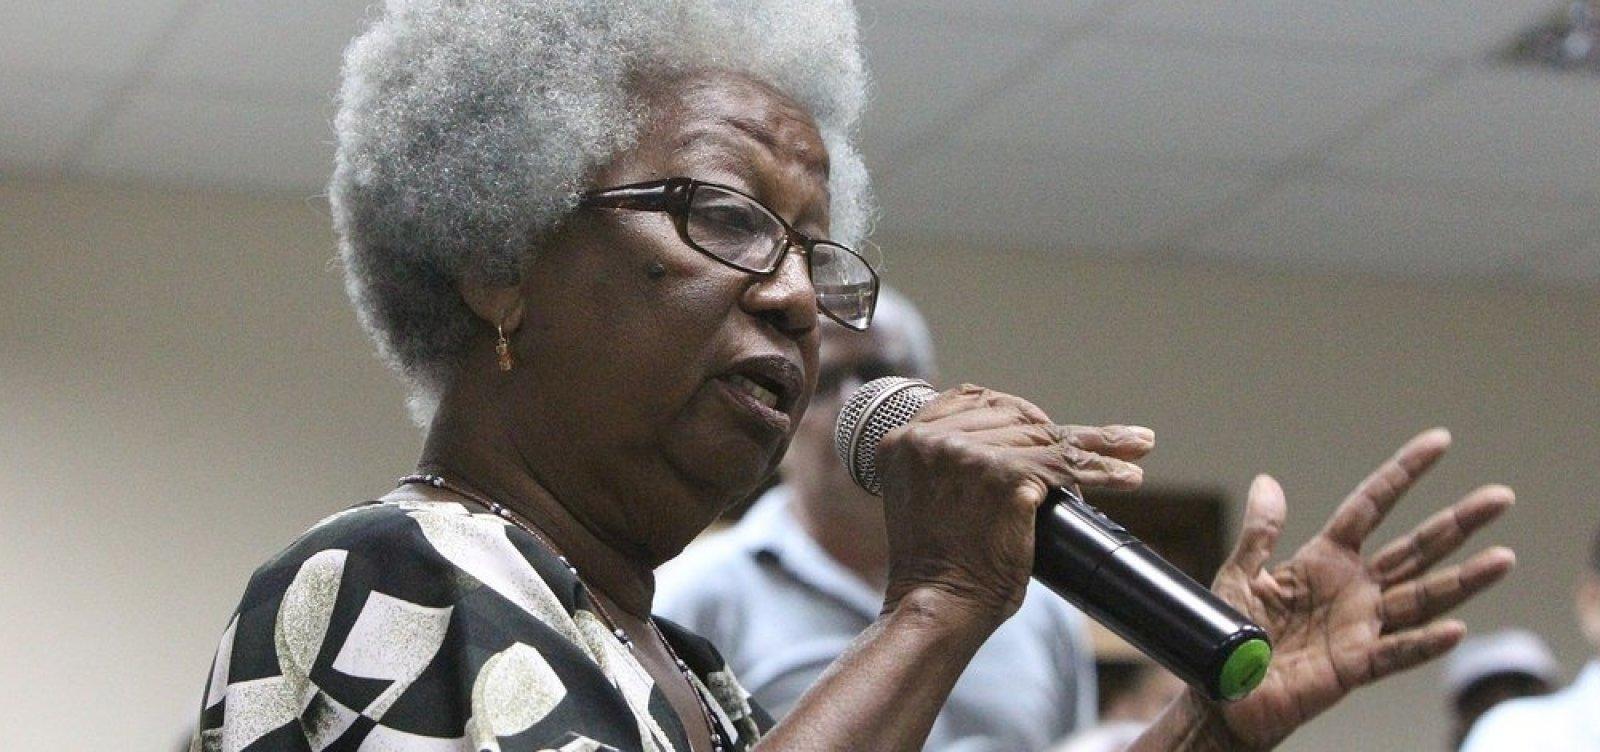 Morre em Salvador a Educadora e líder religiosa, Makota Valdina